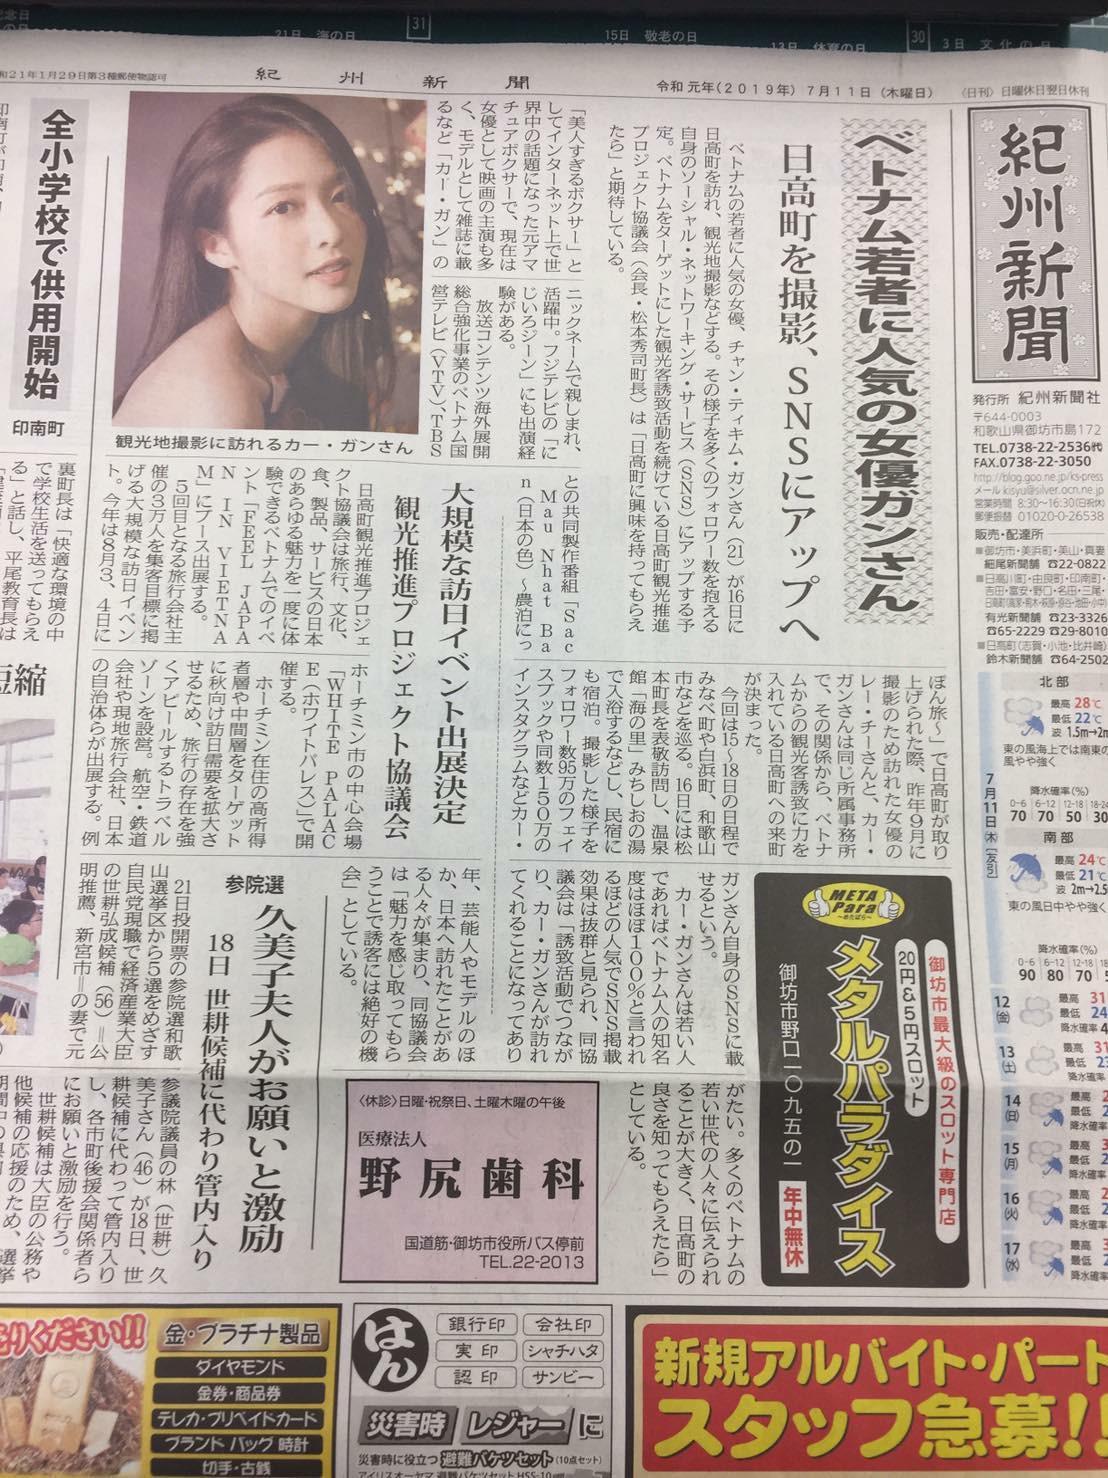 Báo Nhật Bản bất ngờ đưa tin riêng khen Khả Ngân hết lời về nhan sắc với lượng fan lớn ở Việt Nam - Ảnh 1.